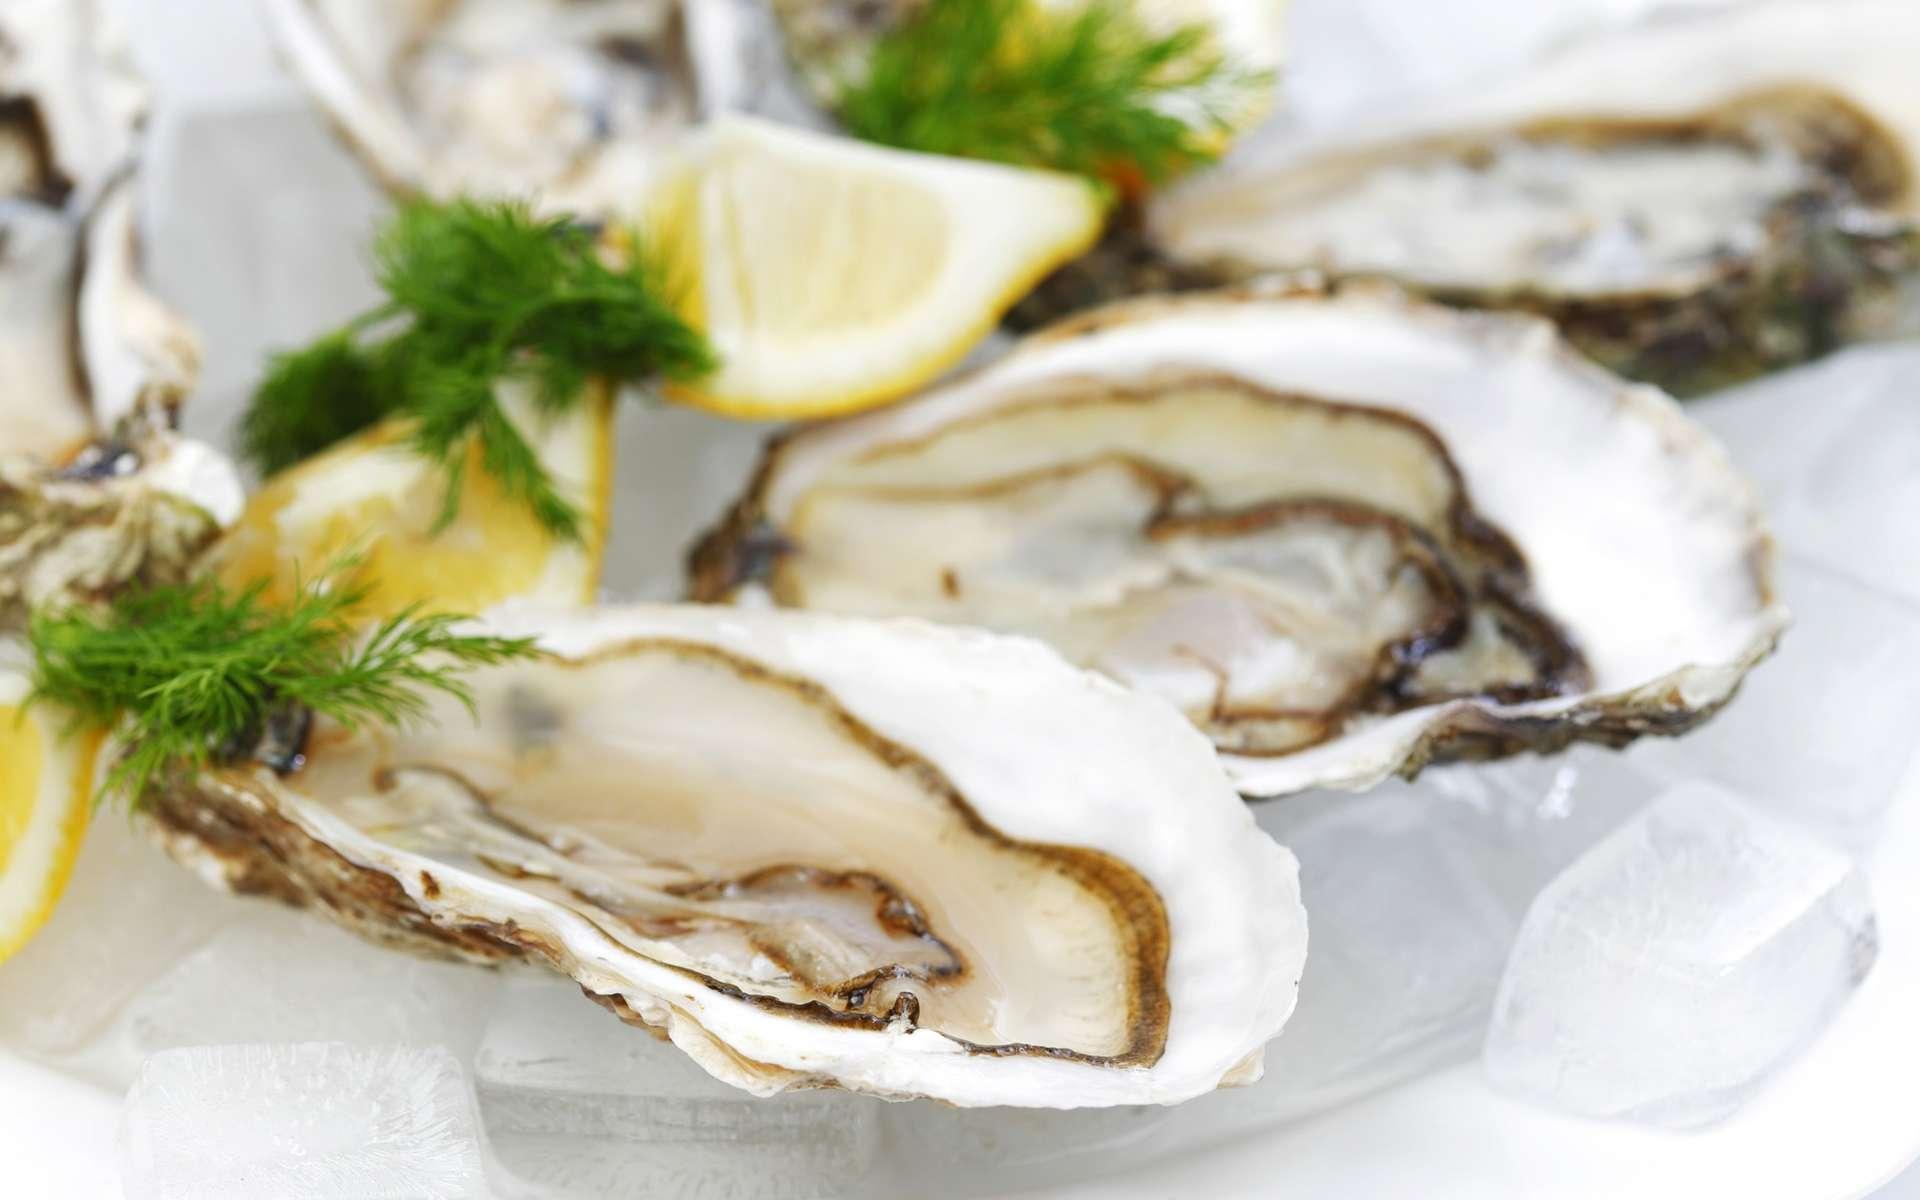 En présence de microplastiques, les huîtres produisent moins d'ovules et leurs spermatozoïdes sont moins mobiles. © Yellowj, Shutterstock